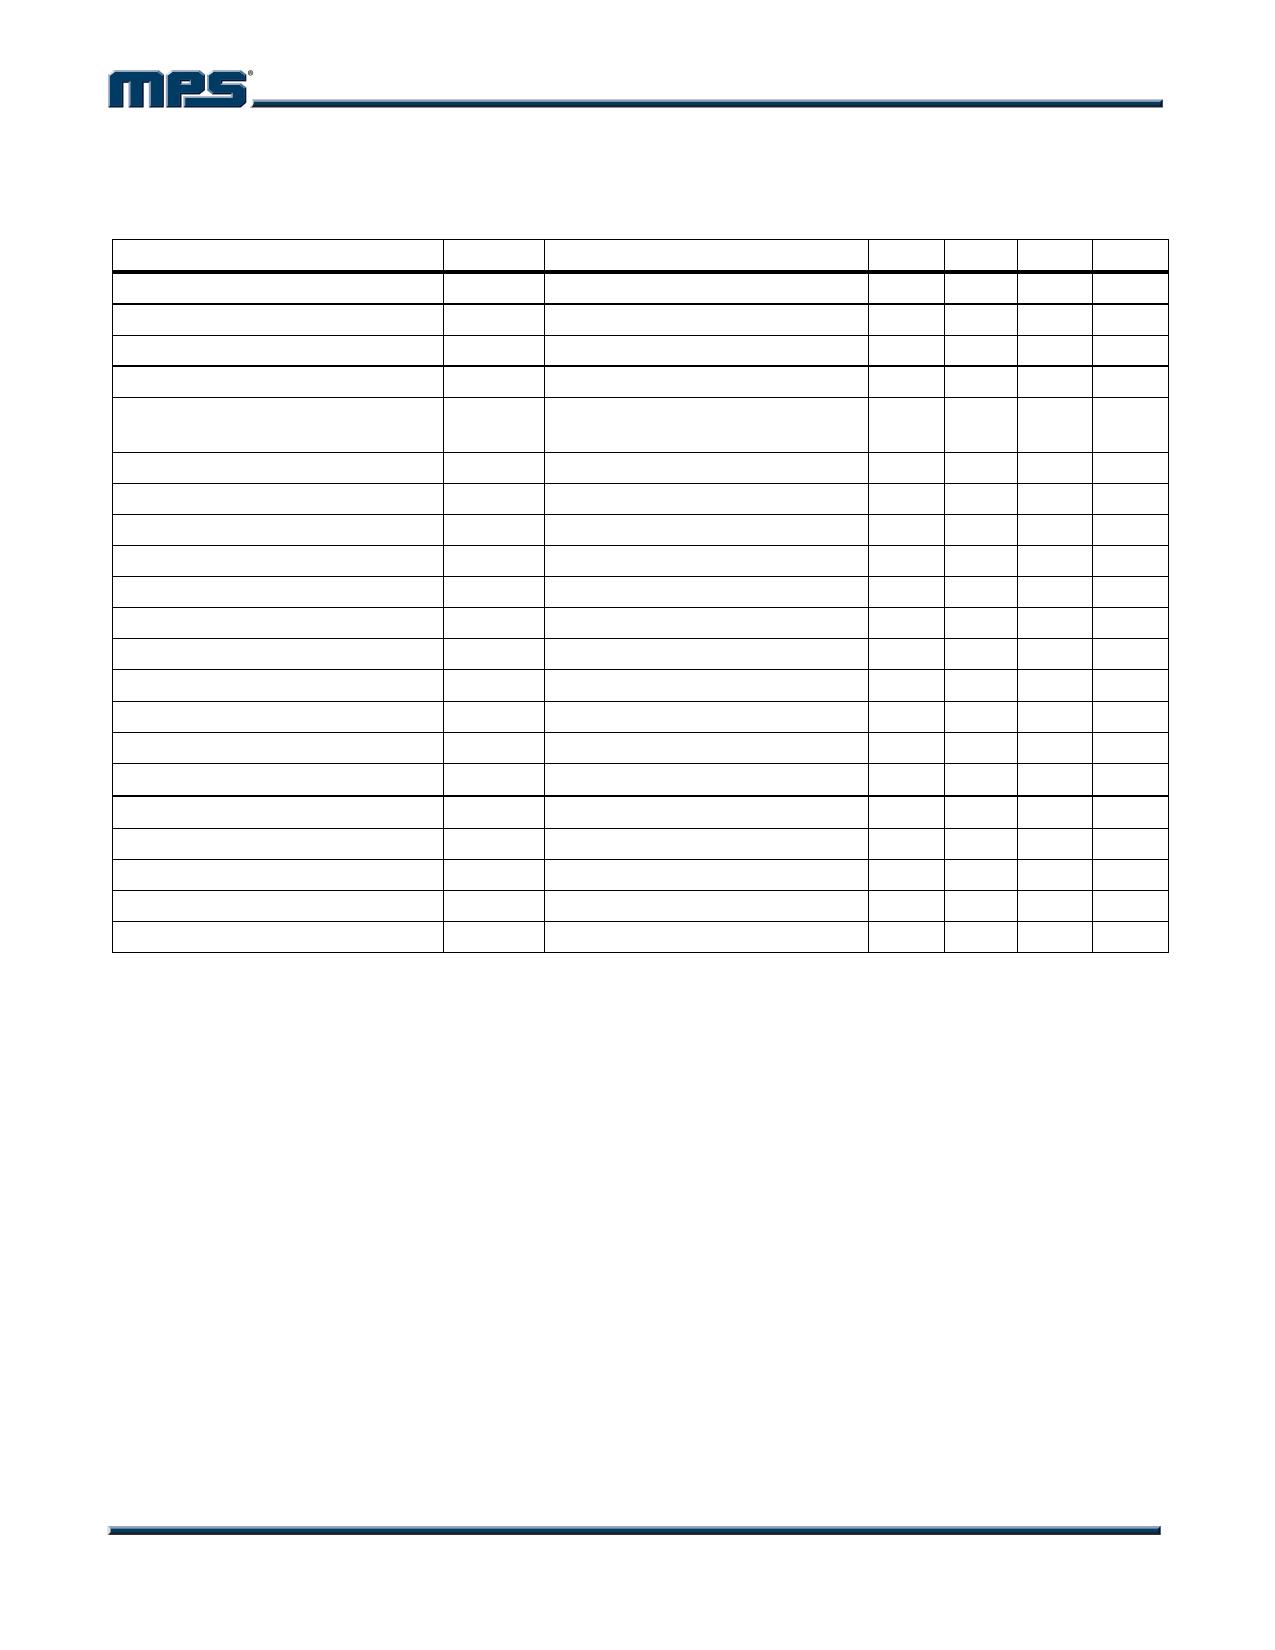 MP1584 pdf, 電子部品, 半導体, ピン配列